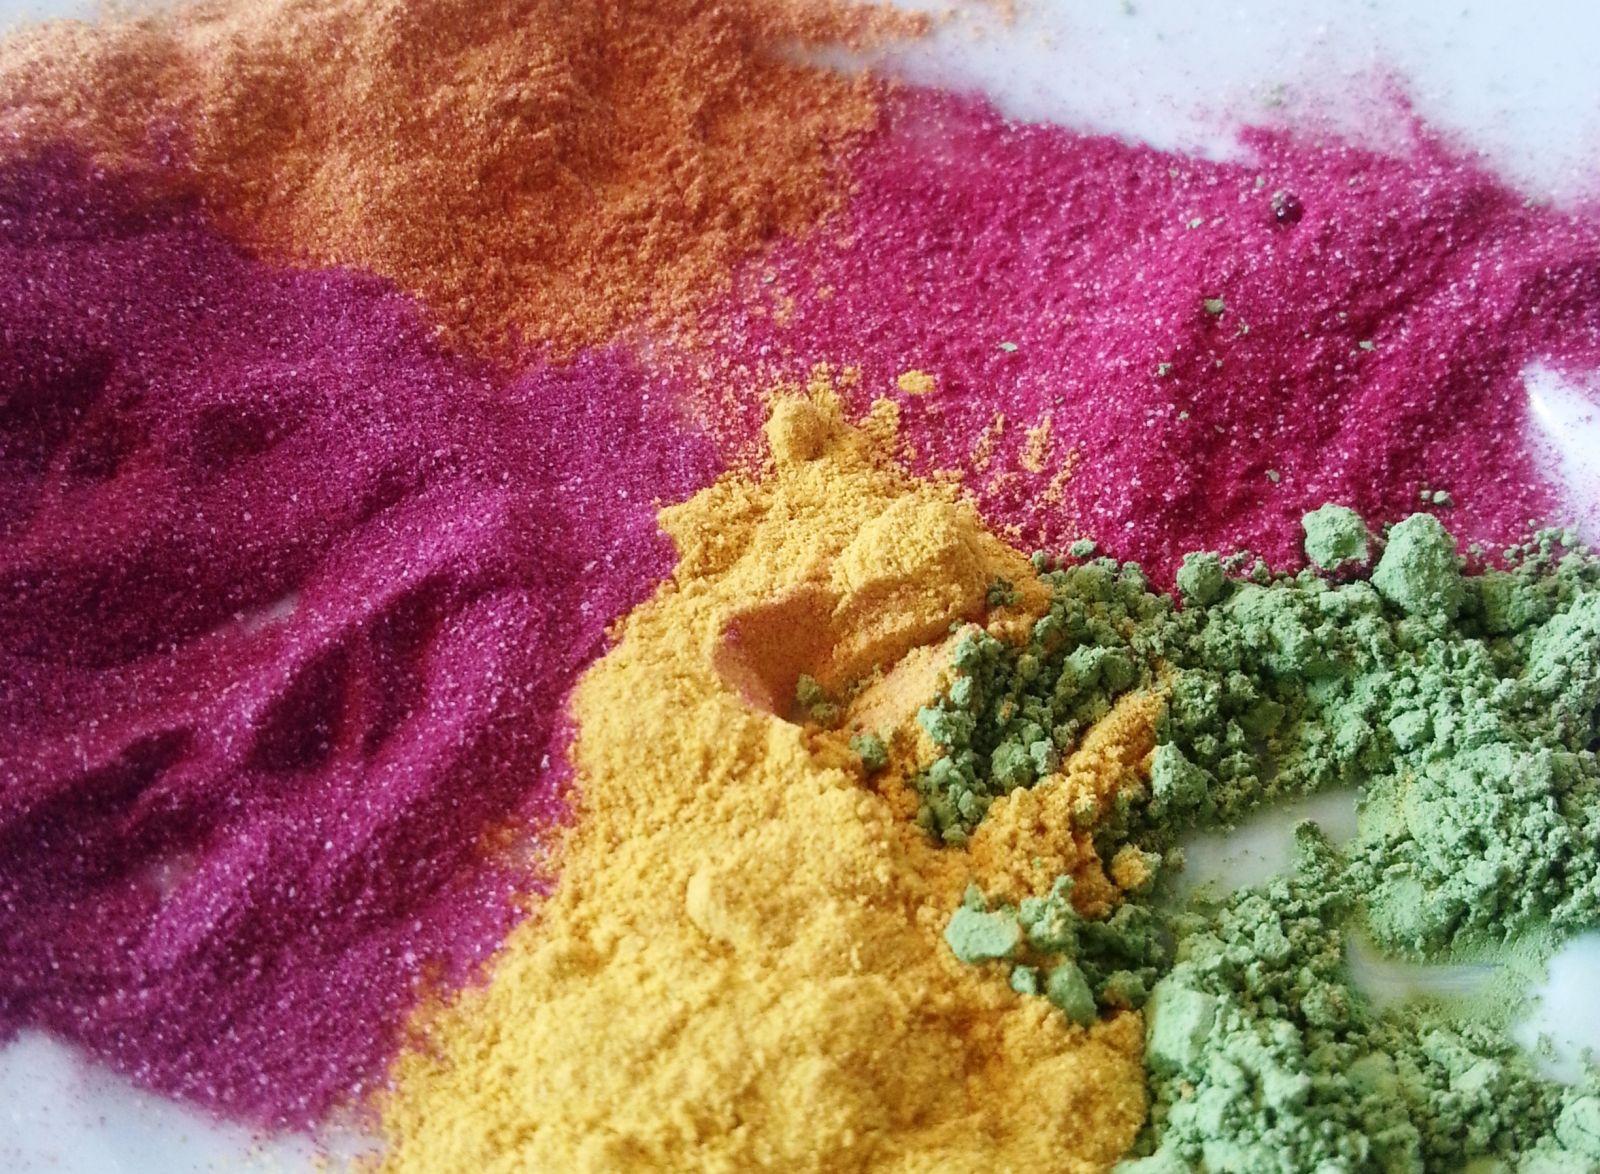 Lebensmittelfarbe BIO - Die Brise - Naturkosmetik selber machen